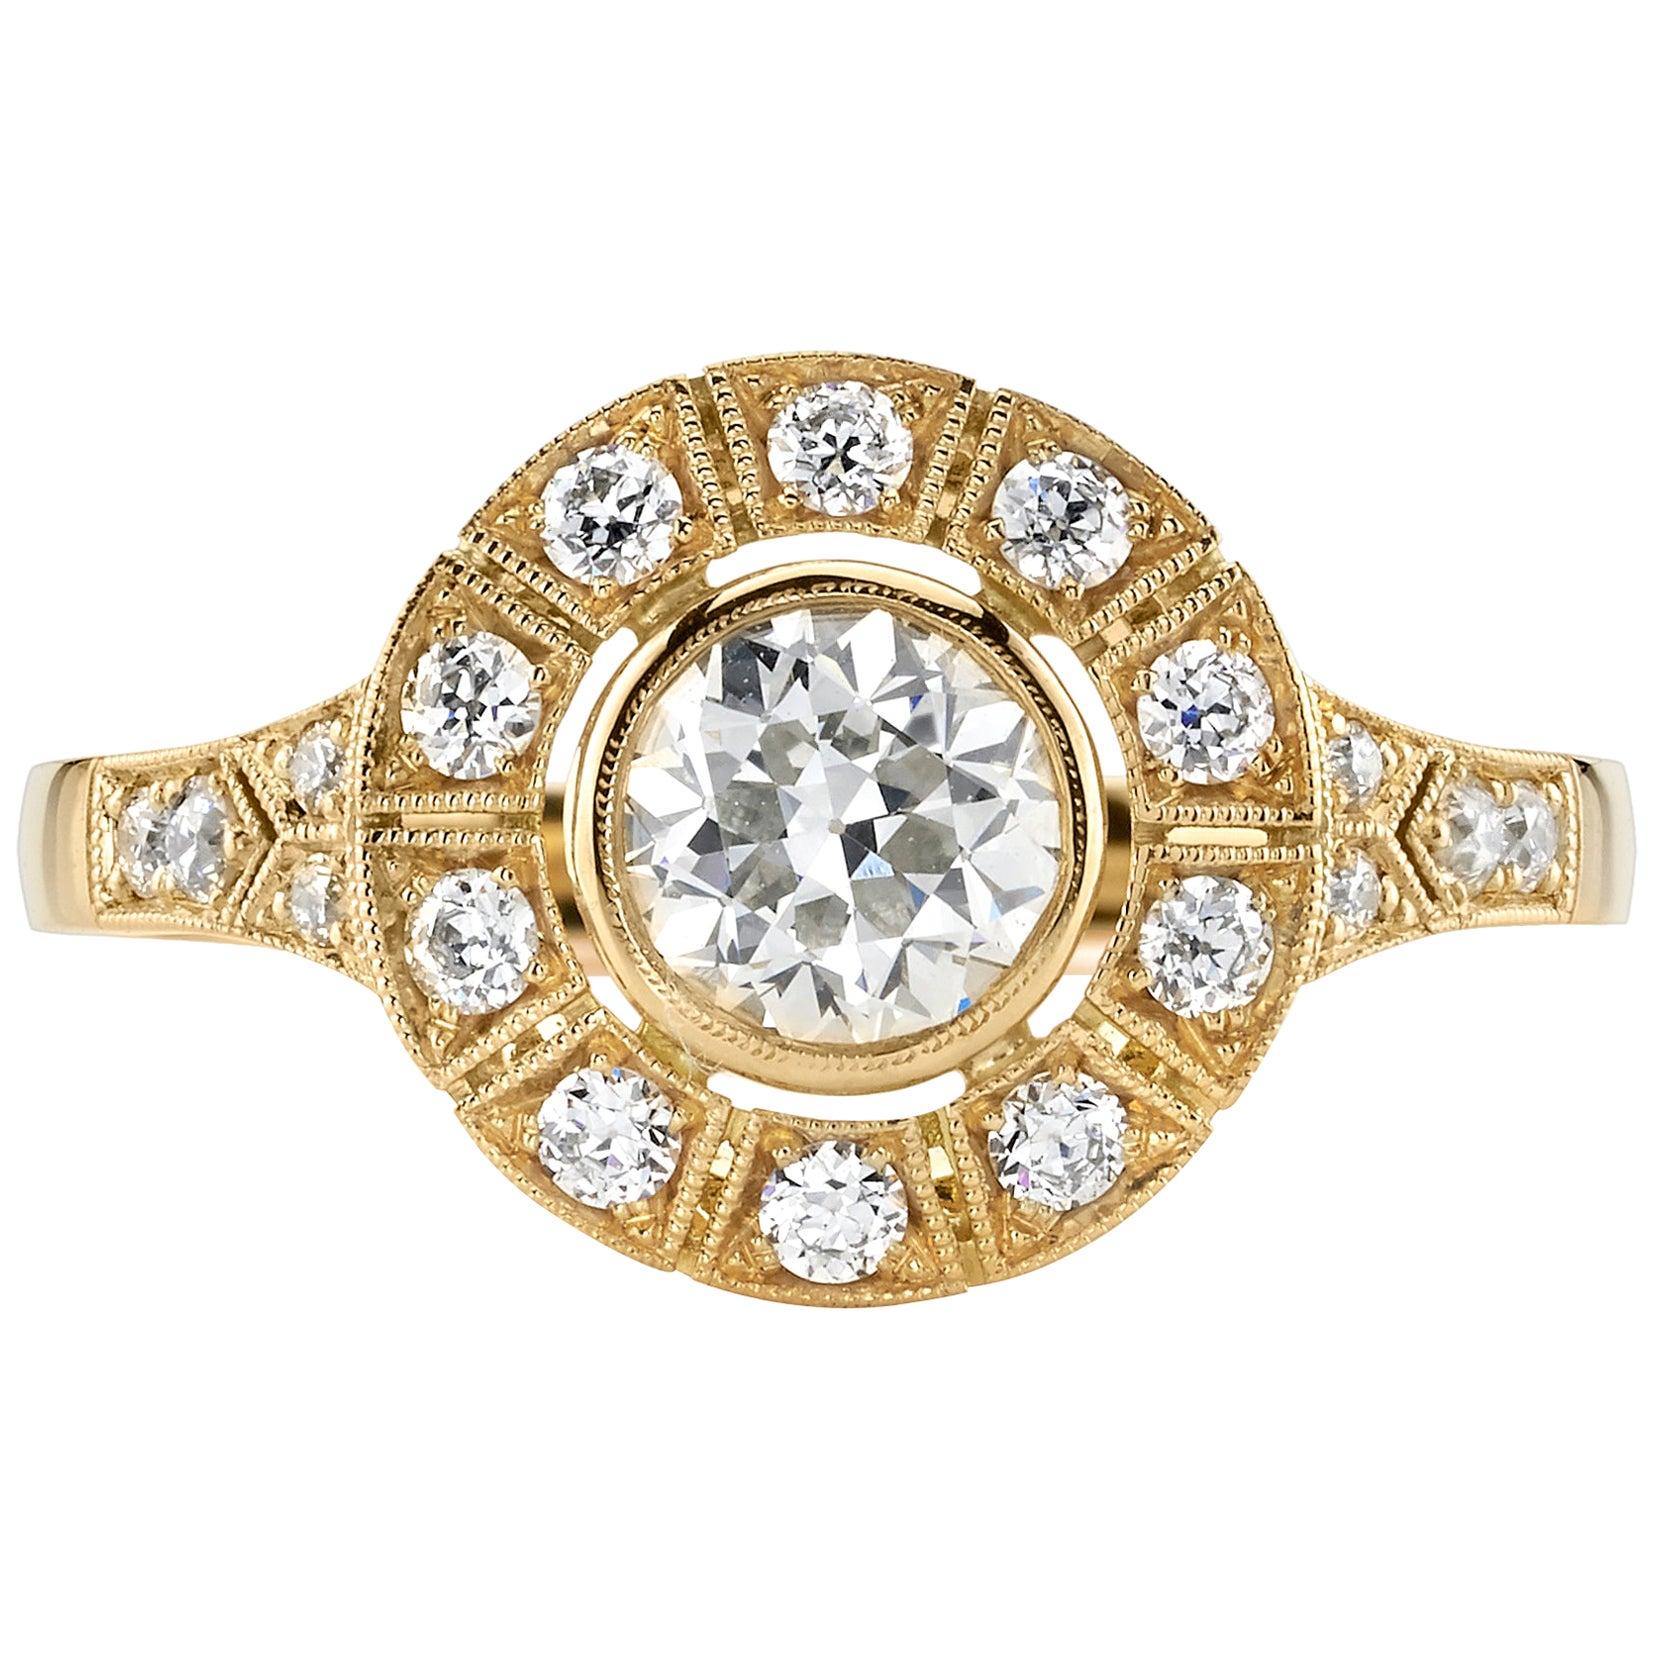 0.65 Carat Old European Cut Diamond Set in an 18 Karat Yellow Gold Ring